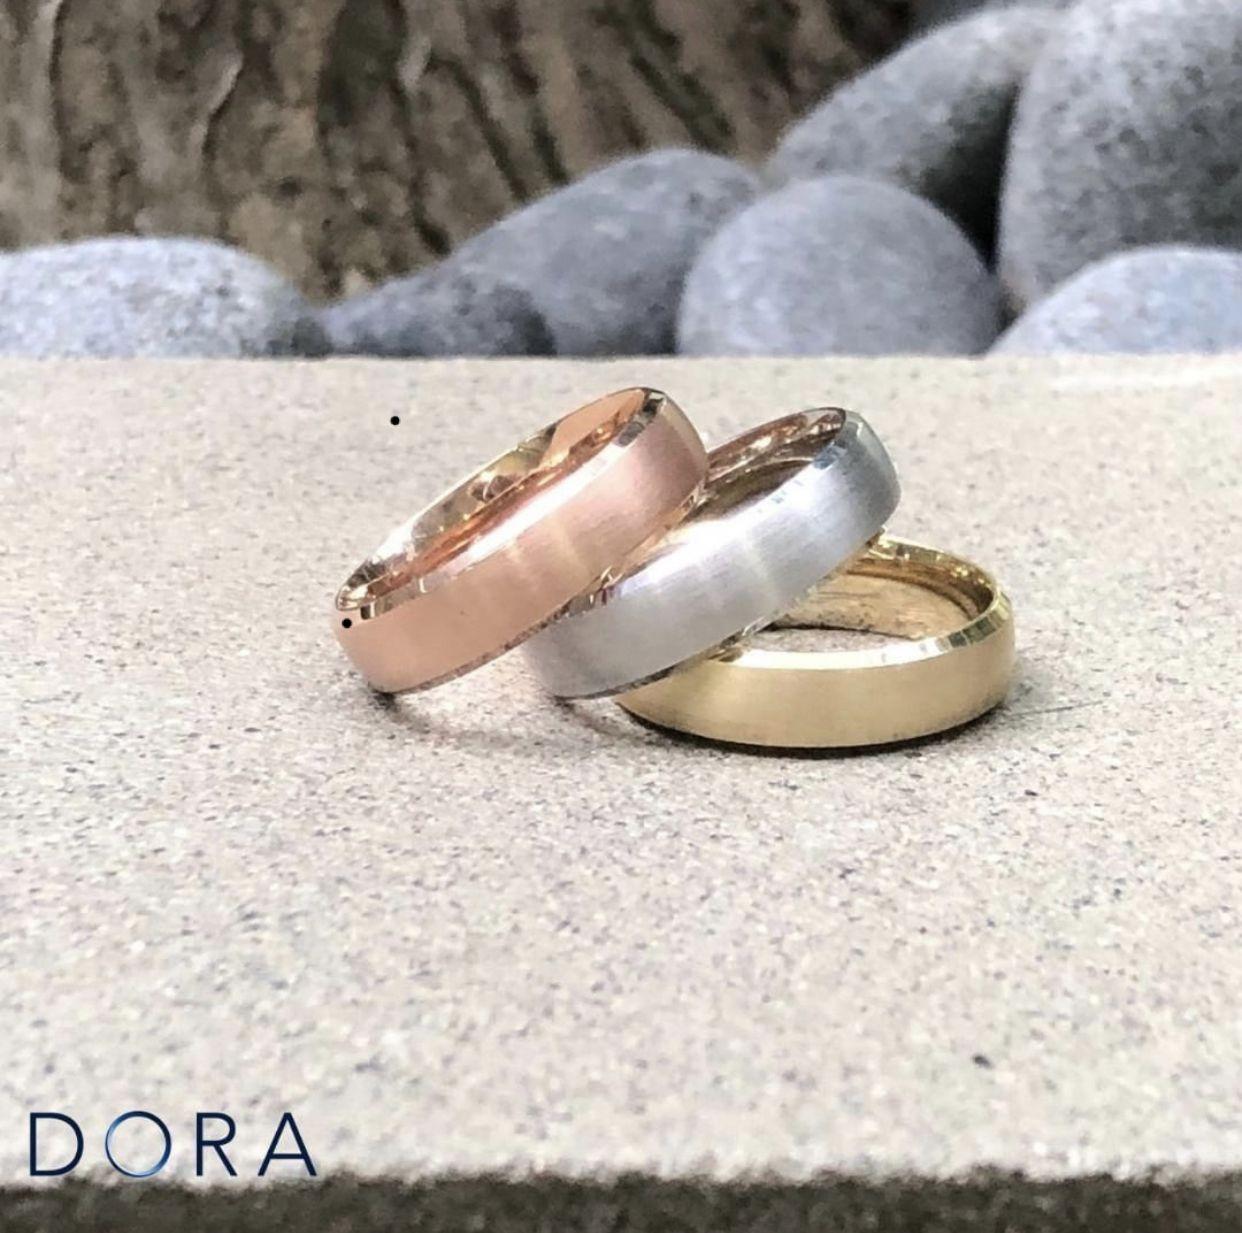 DORA Men's Wedding Rings & Bands Melbourne Franco